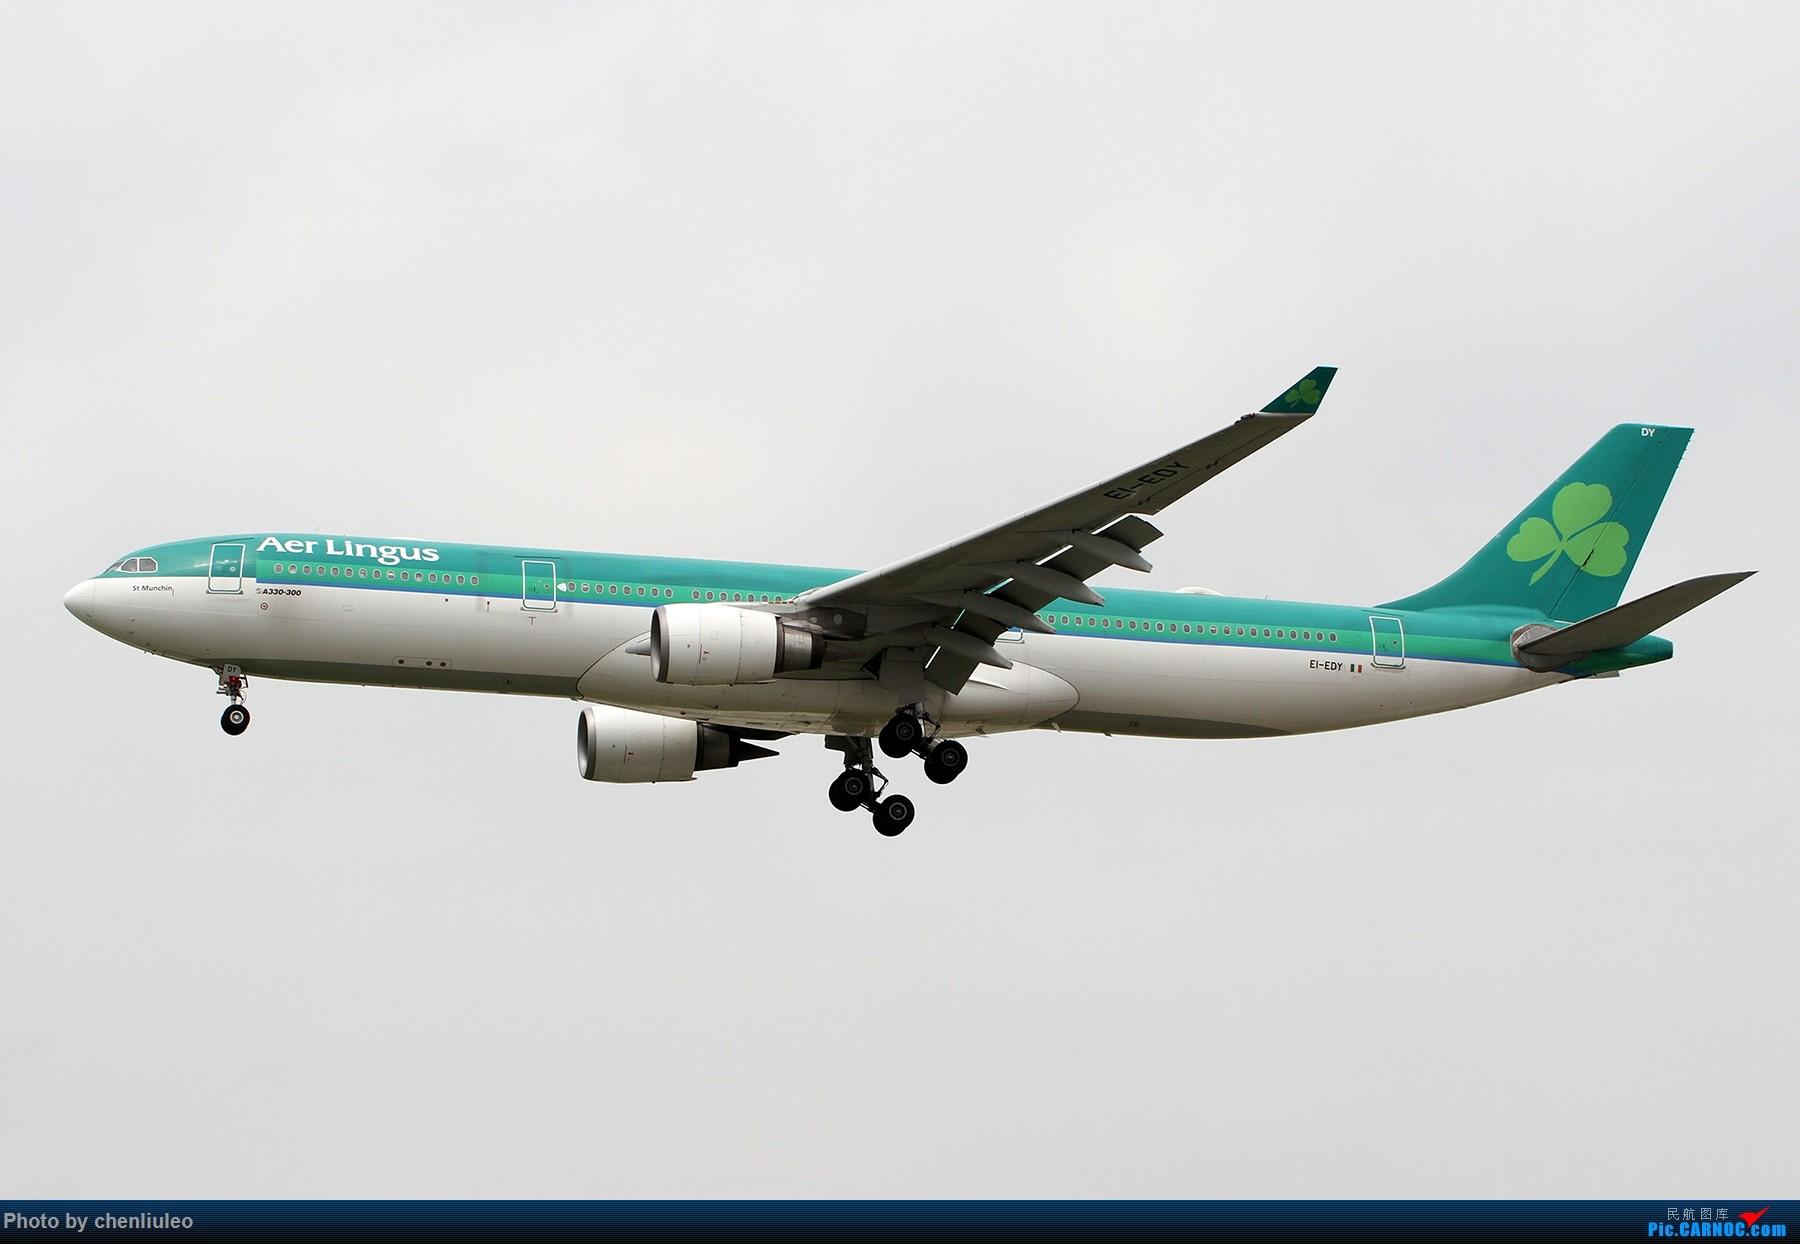 Re:[原创]【北美飞友会】芝加哥奥黑尔机场首拍 AIRBUS A330-300 EI-EDY 美国芝加哥奥黑尔国际机场